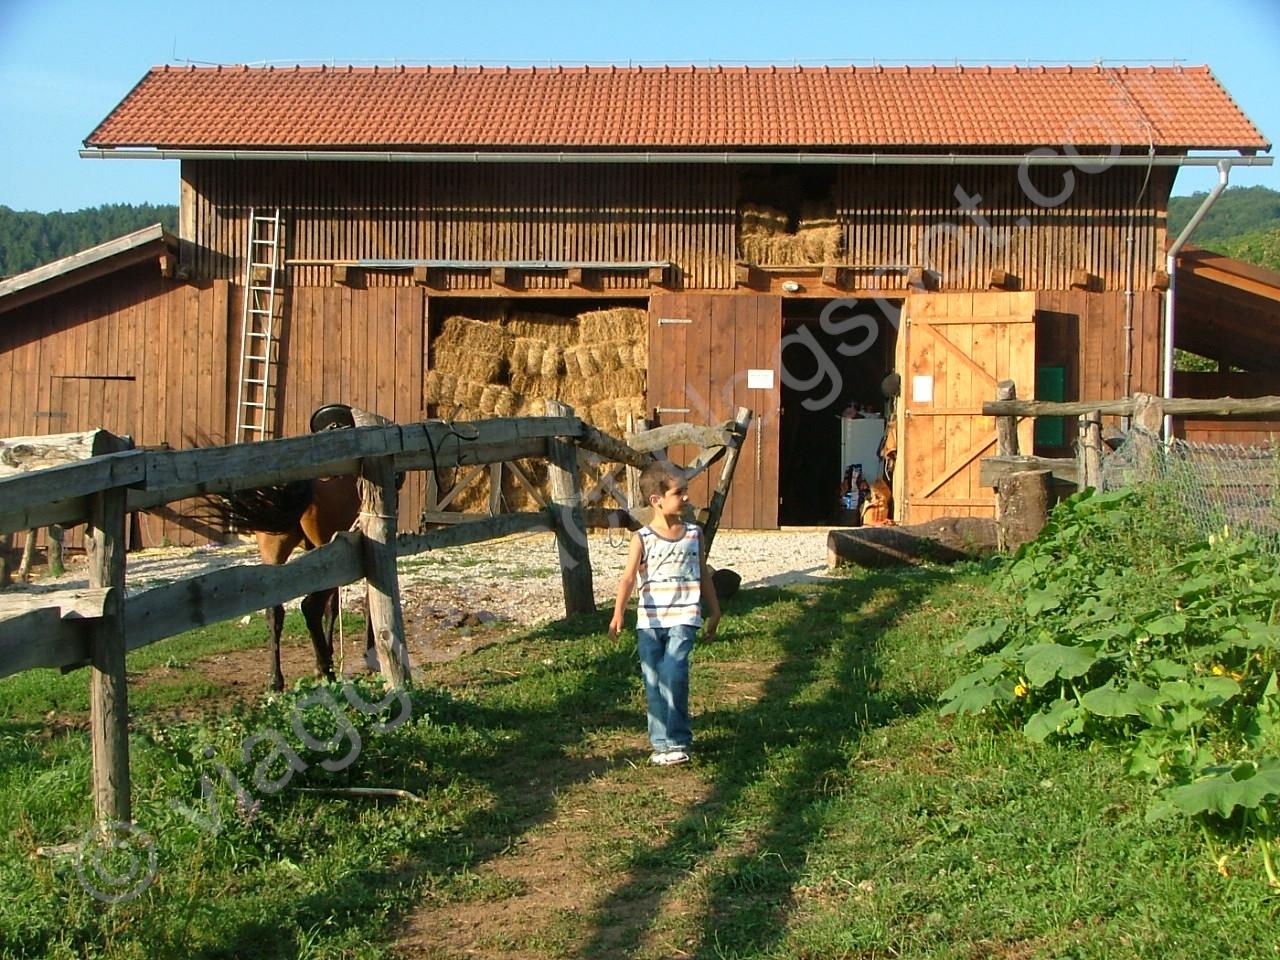 Viaggi e baci jelov klanac vacanze in ranch for Rimodella a forma di ranch della casa